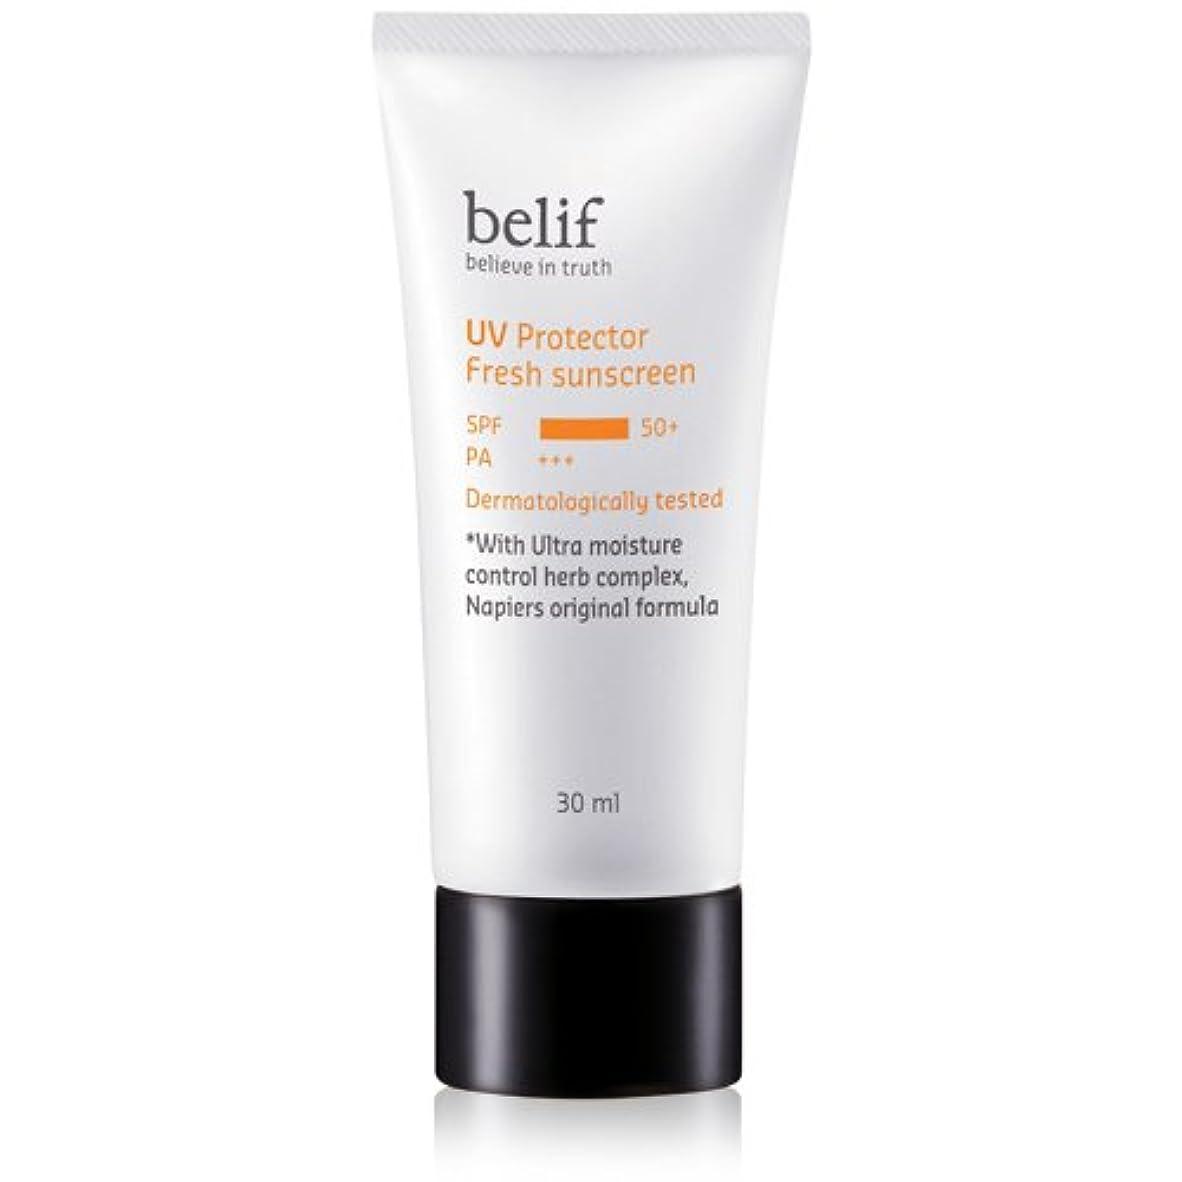 スキャン遊び場余韻Belif(ビリーフ) UV Protector Fresh sunscreen 30ml/ビリーフUVプロテクターフレッシュサンスクリーン